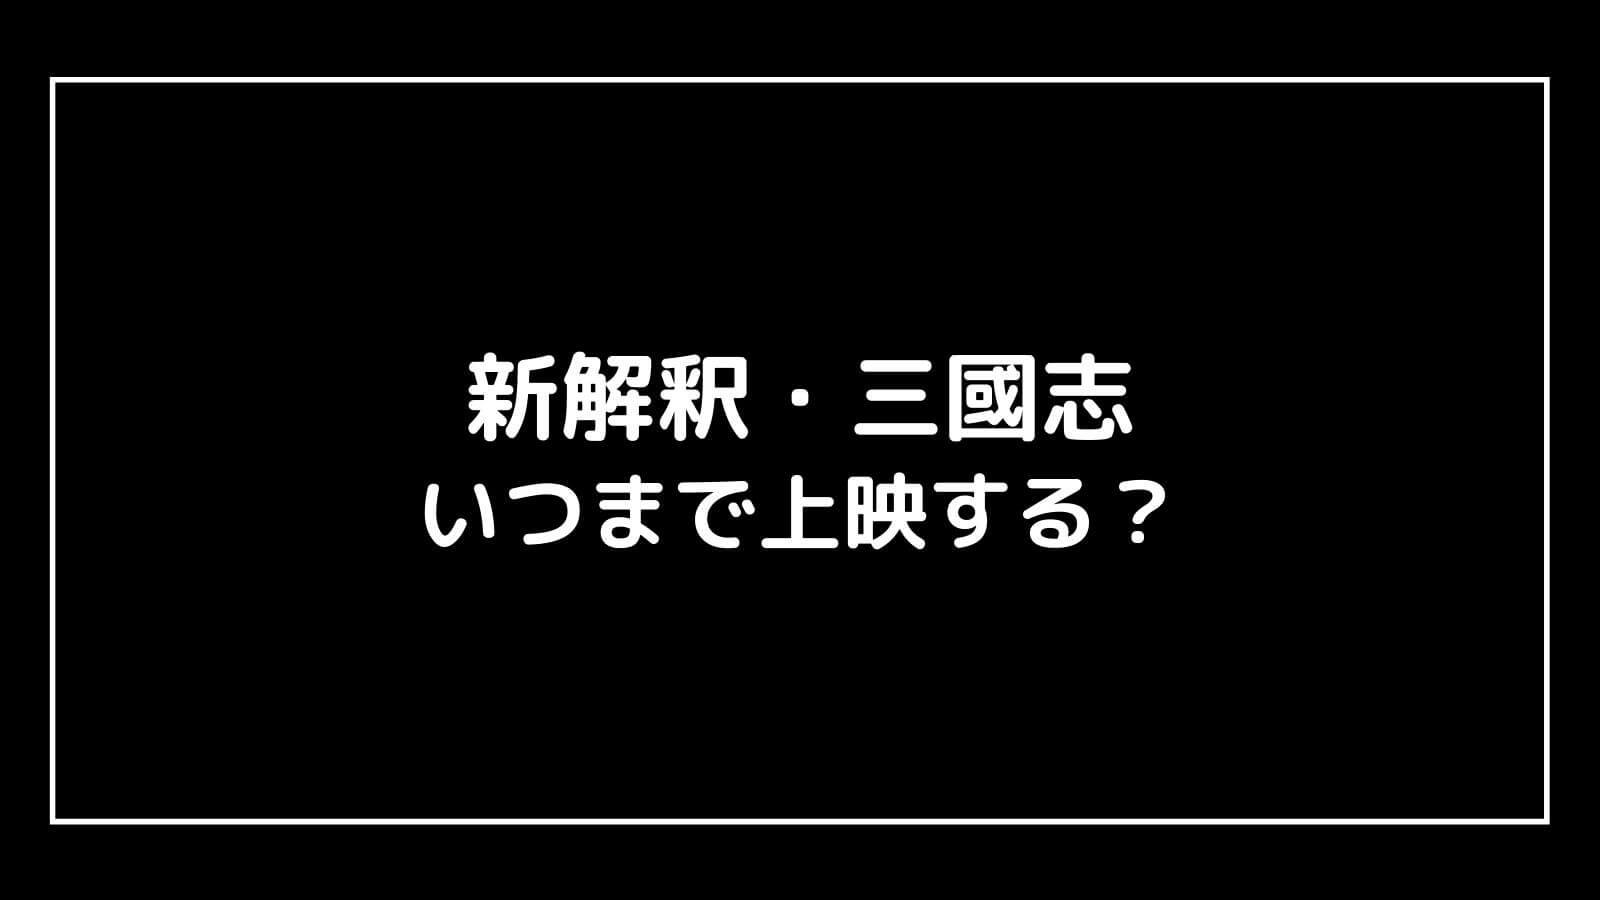 映画新解釈・三國志』はいつまで上映する?元映画館社員が上映期間を予想